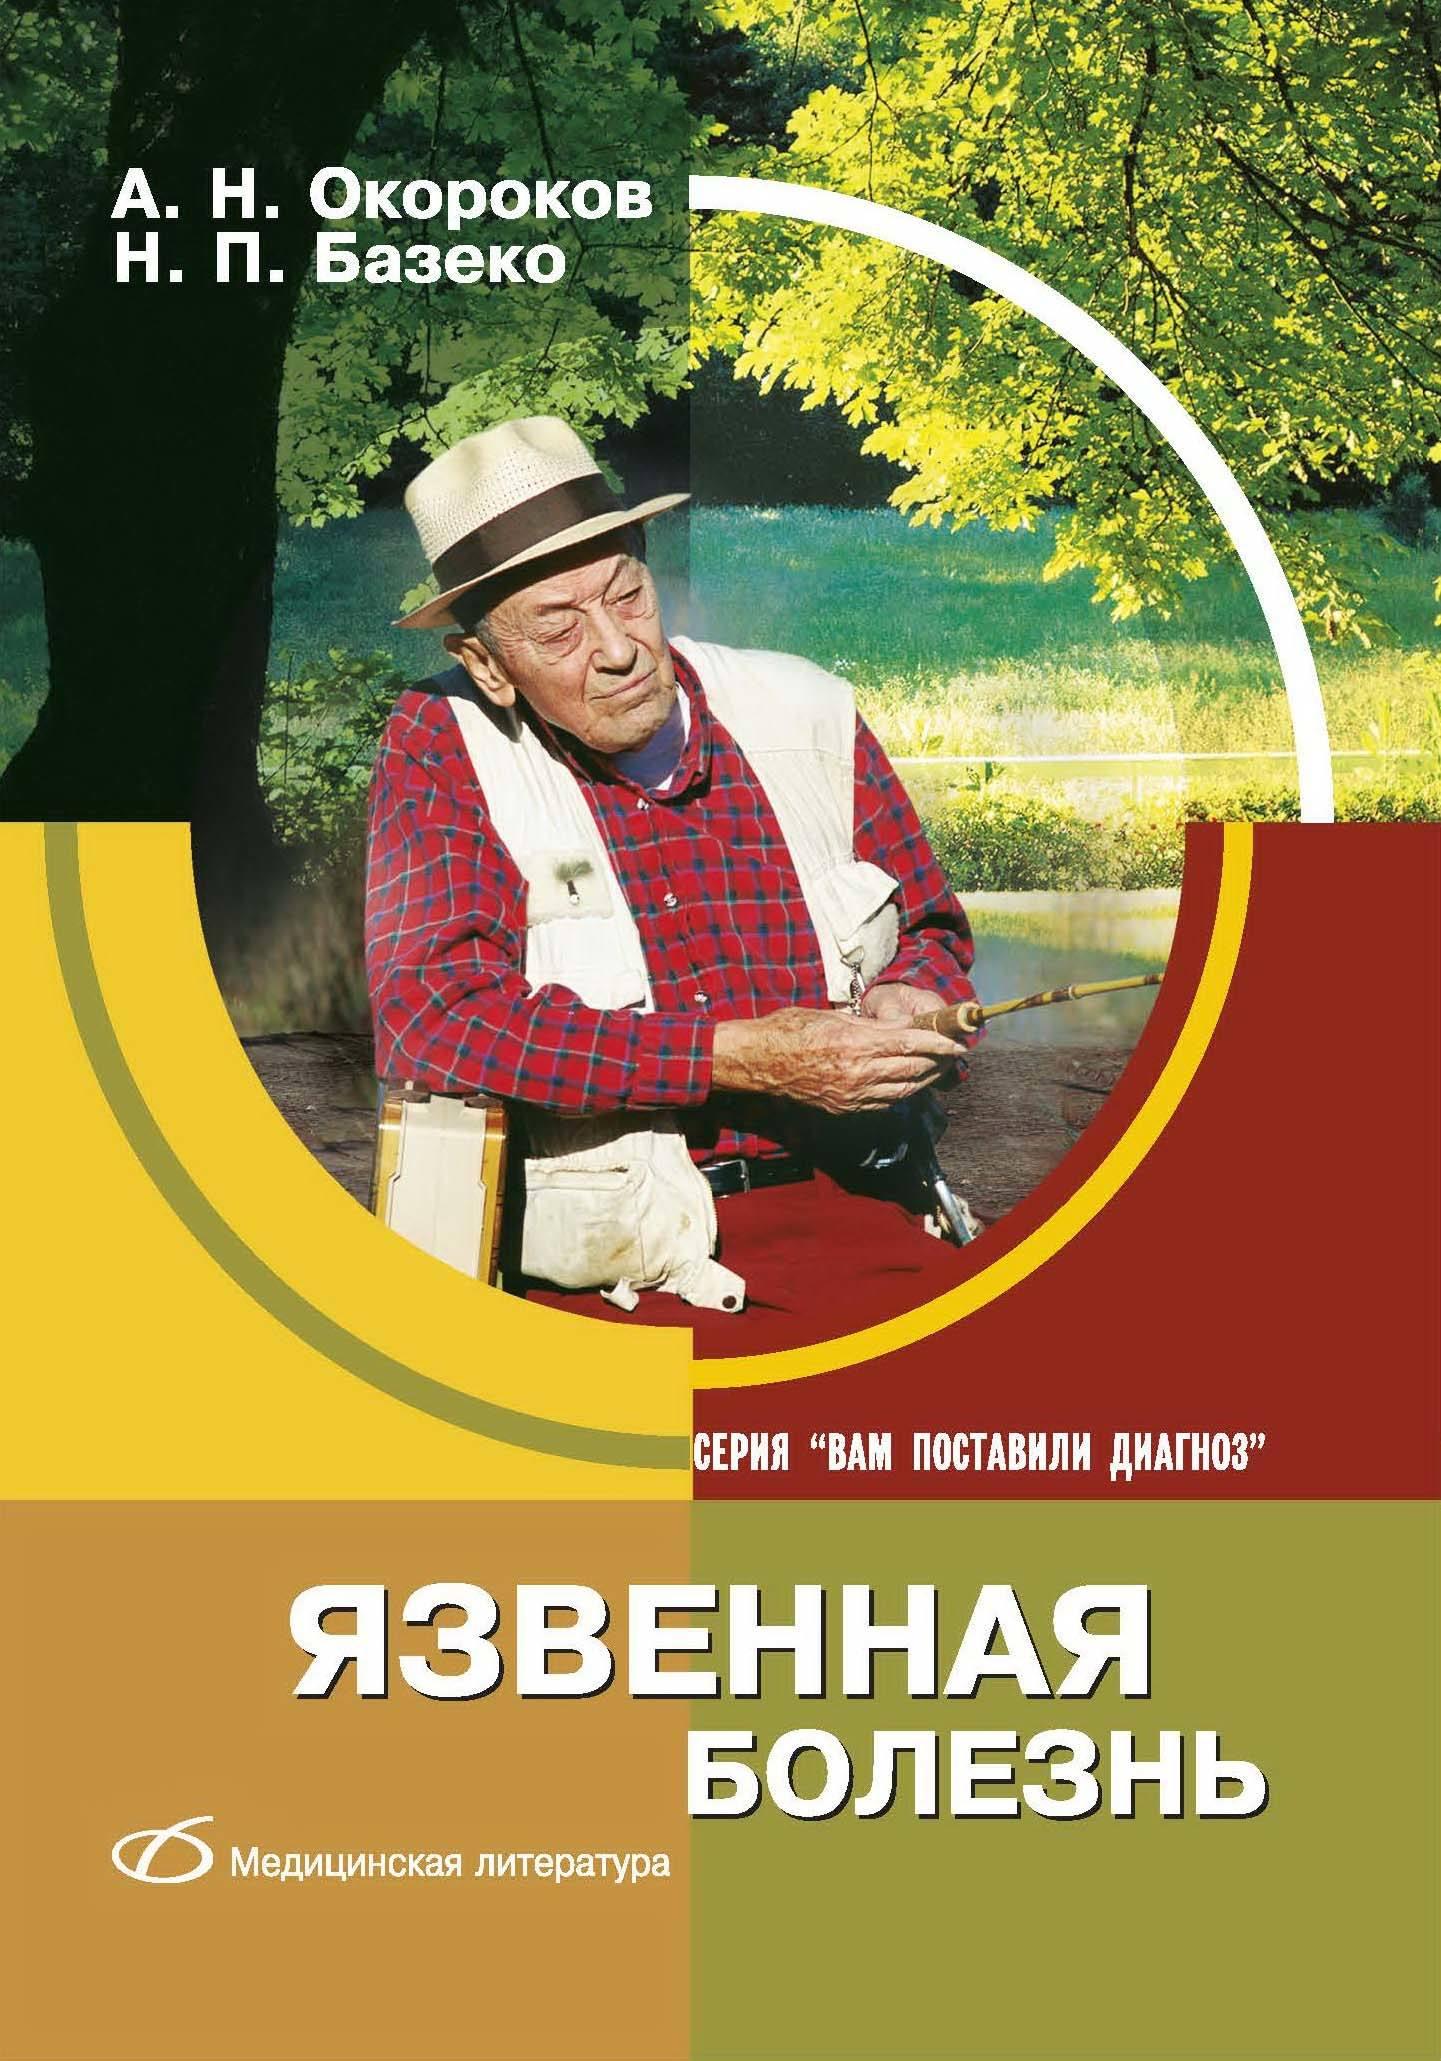 А. Н. Окороков. Язвенная болезнь